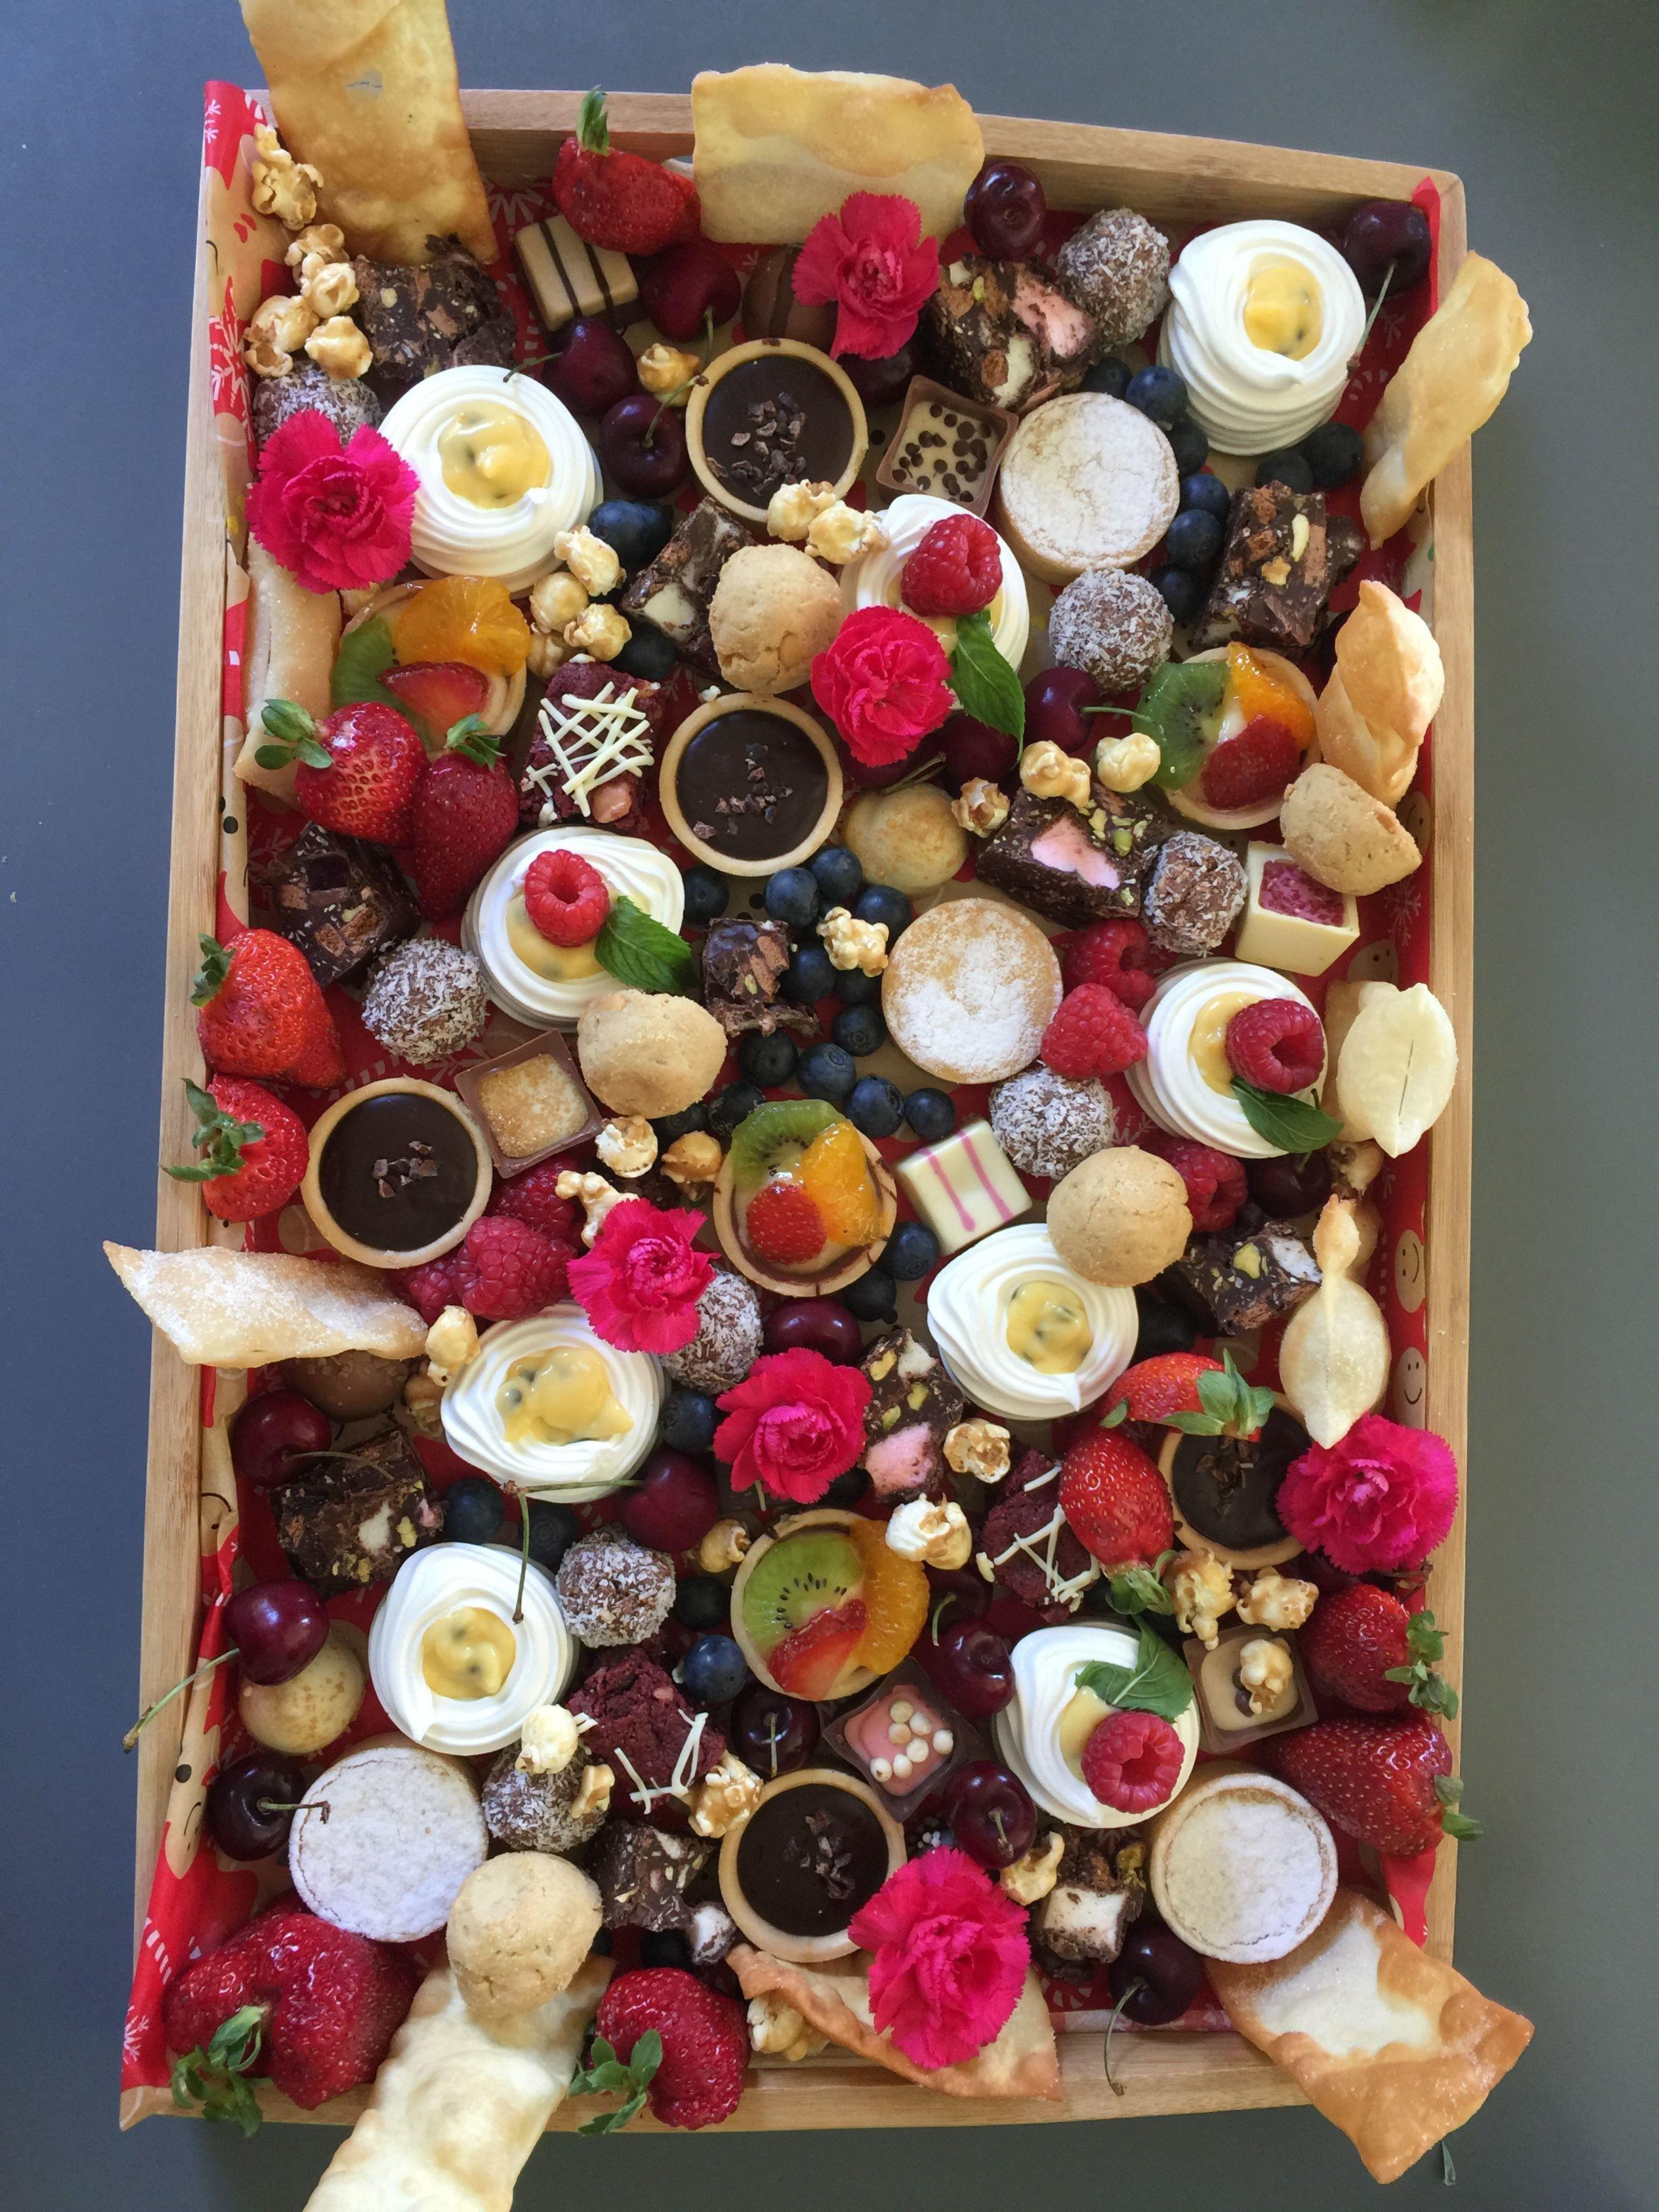 Christmas Day dessert platter Christmas dessert platter